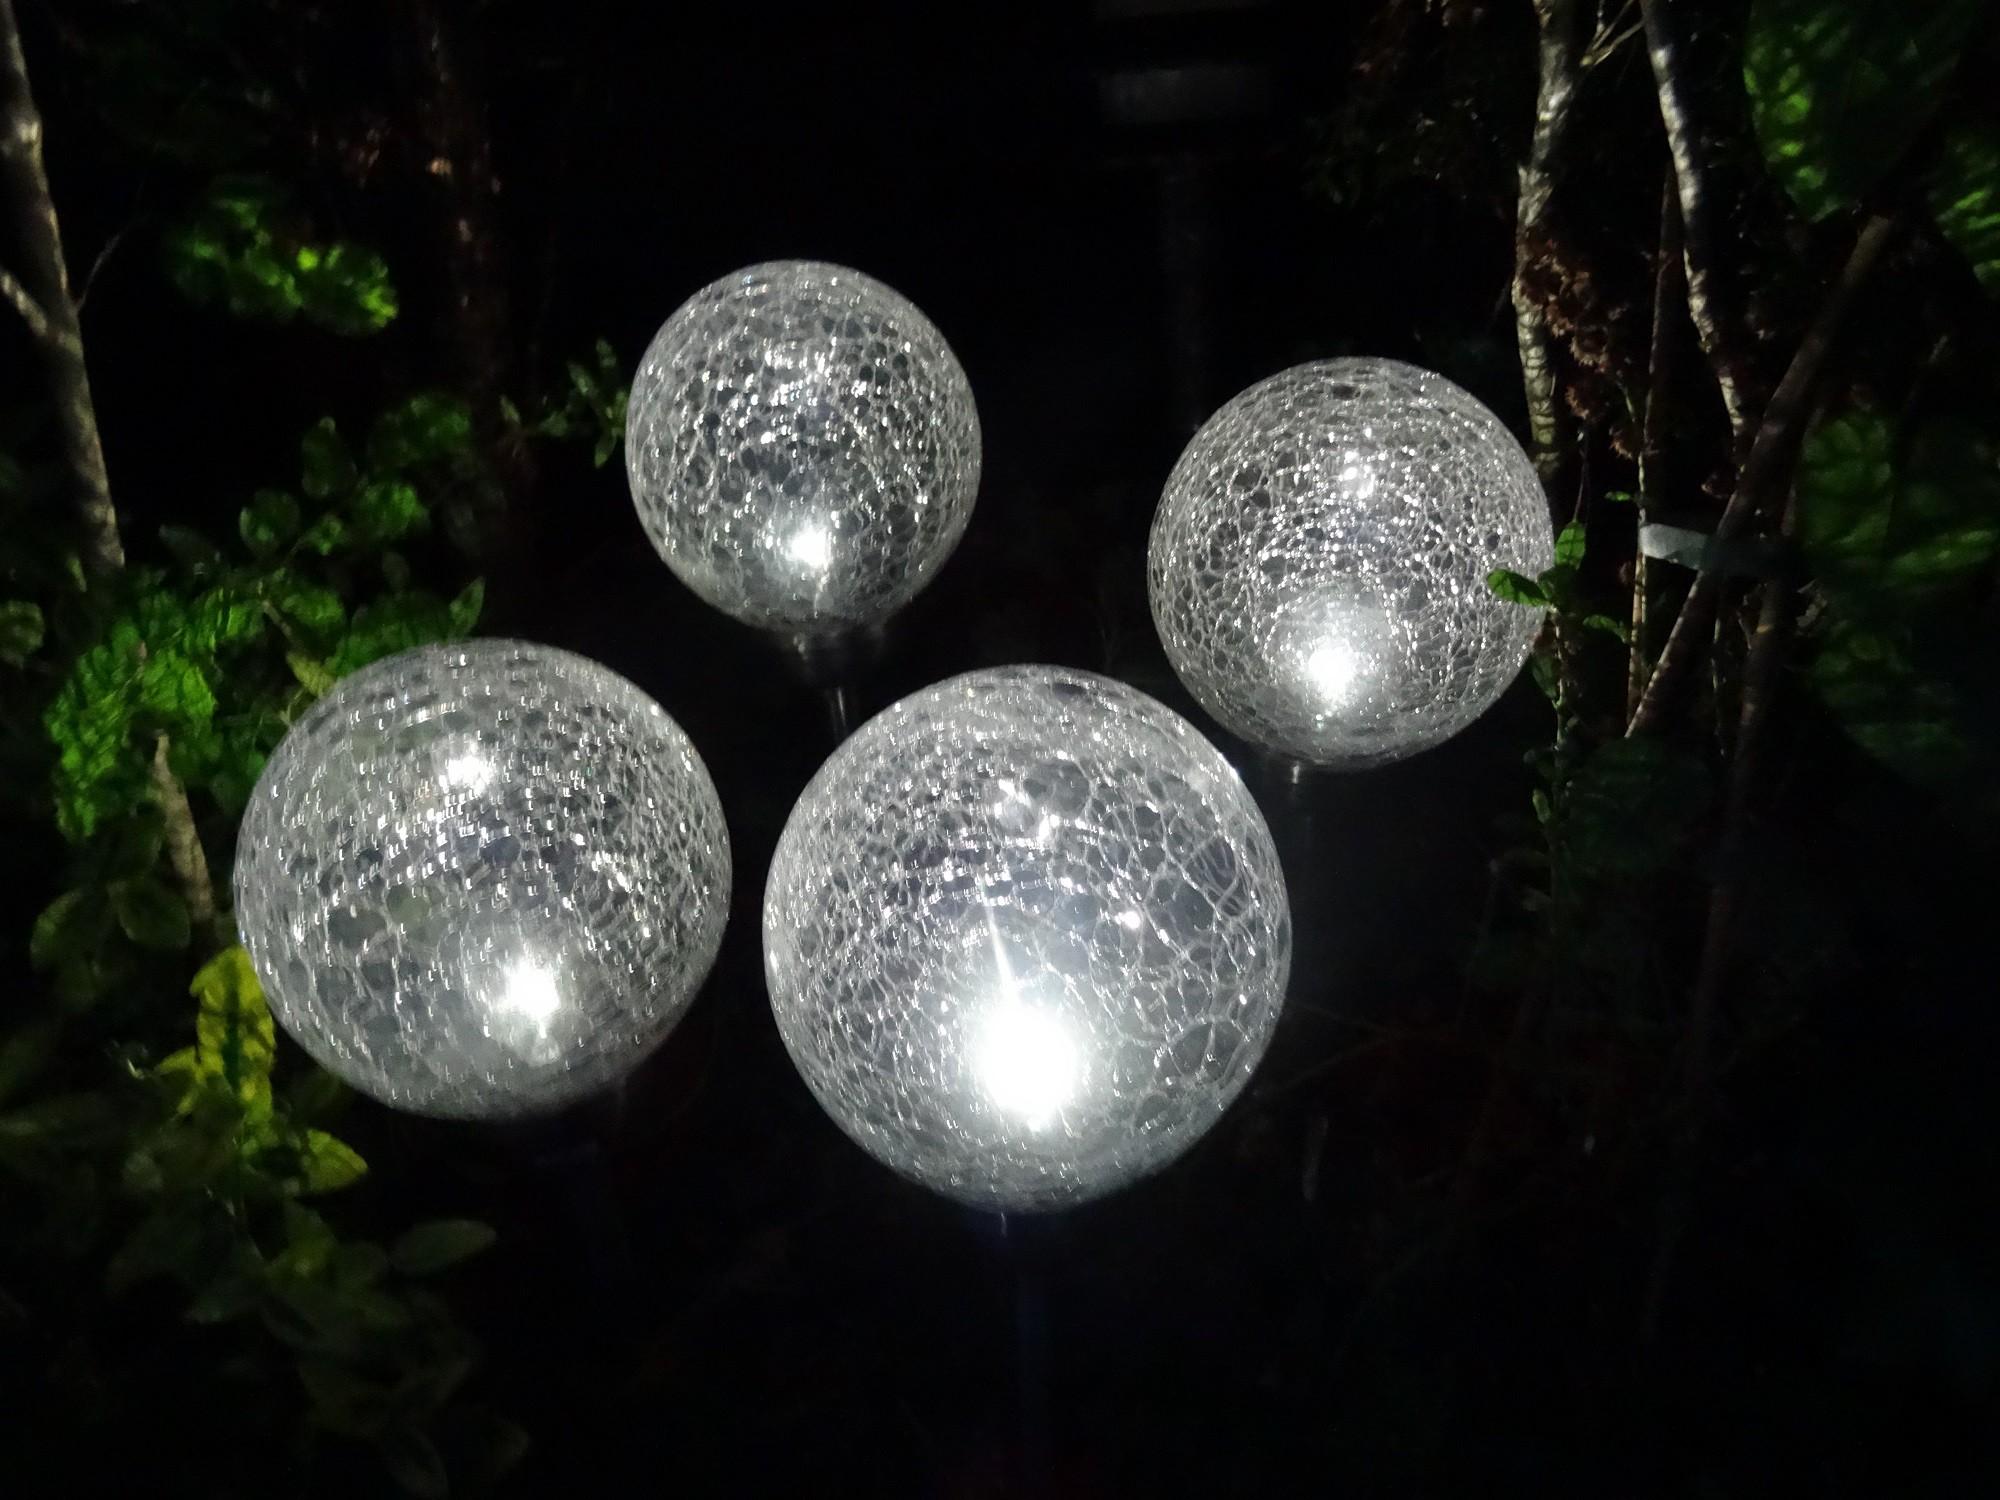 4er set solarleuchten kugelleuchten kristall edelstahl echtglas kugel 15 cm garten. Black Bedroom Furniture Sets. Home Design Ideas